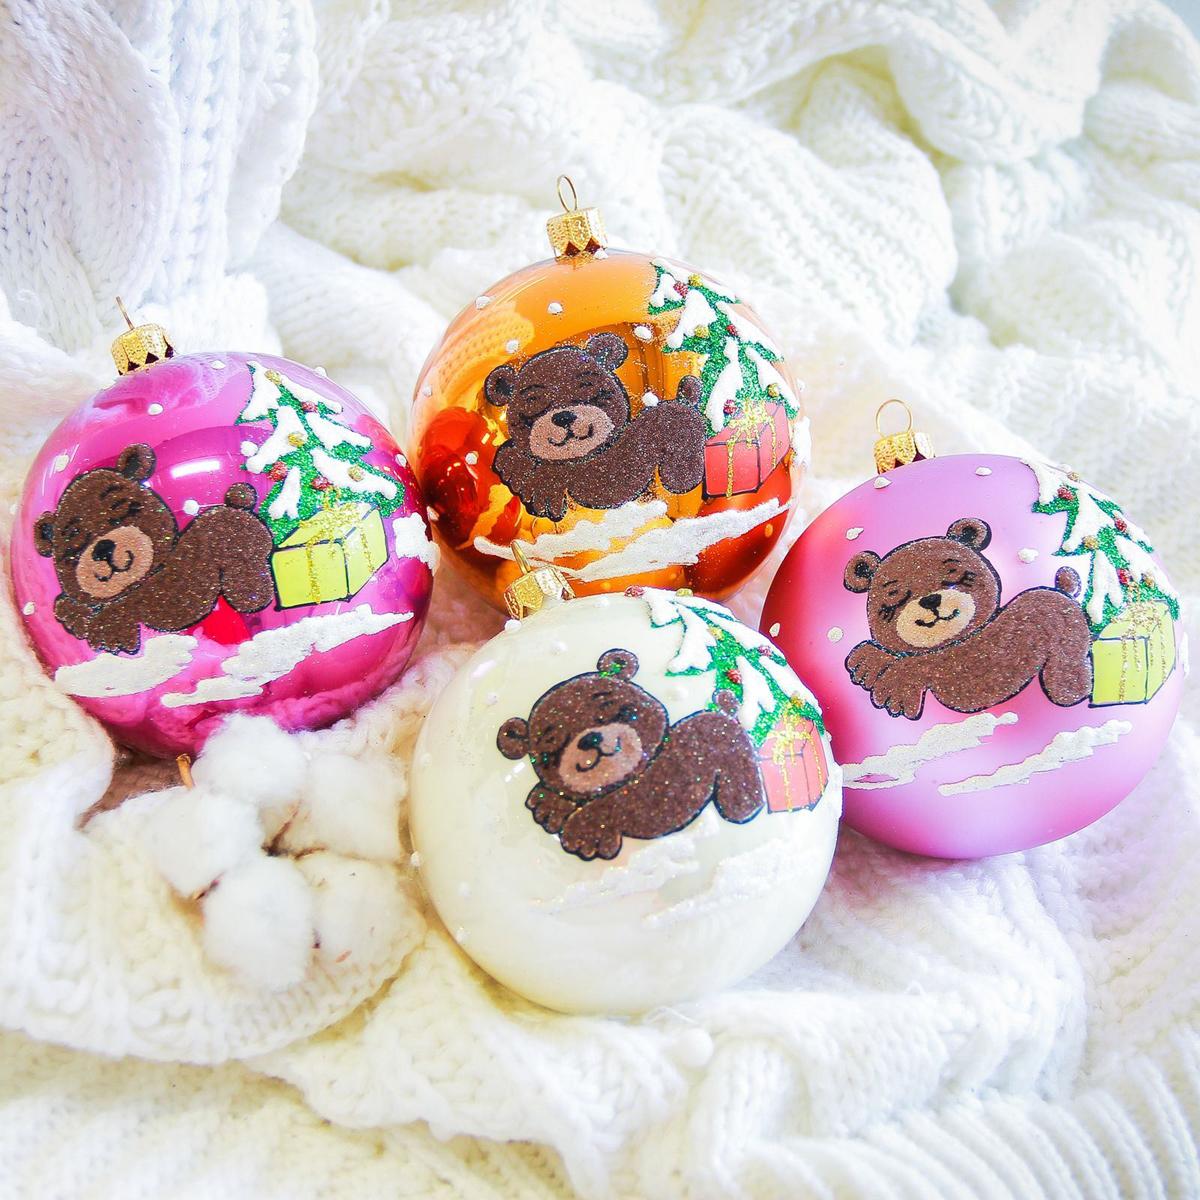 Украшение новогоднее елочное Иней Мишка с подарком, диаметр 10 см2555471Новогоднее подвесное украшение Иней отлично подойдет для декорации вашего дома и новогодней ели. Новогоднее украшение можно повесить в любом понравившемся вам месте. Но, конечно, удачнее всего оно будет смотреться на праздничной елке.Елочная игрушка - символ Нового года. Она несет в себе волшебство и красоту праздника. Такое украшение создаст в вашем доме атмосферу праздника, веселья и радости.